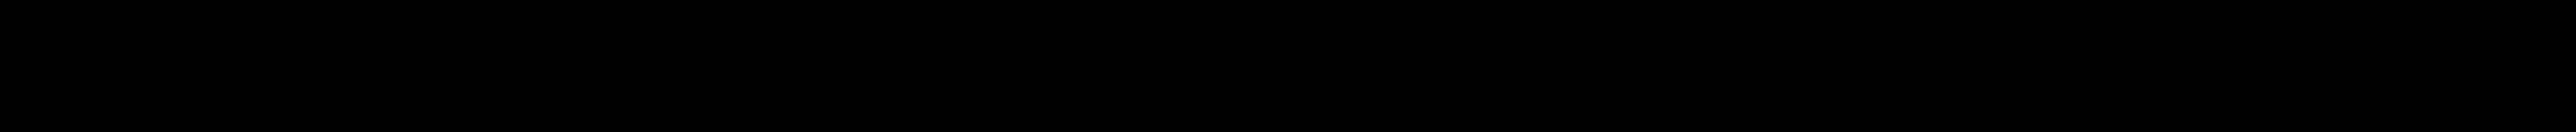 heidricklogo1200